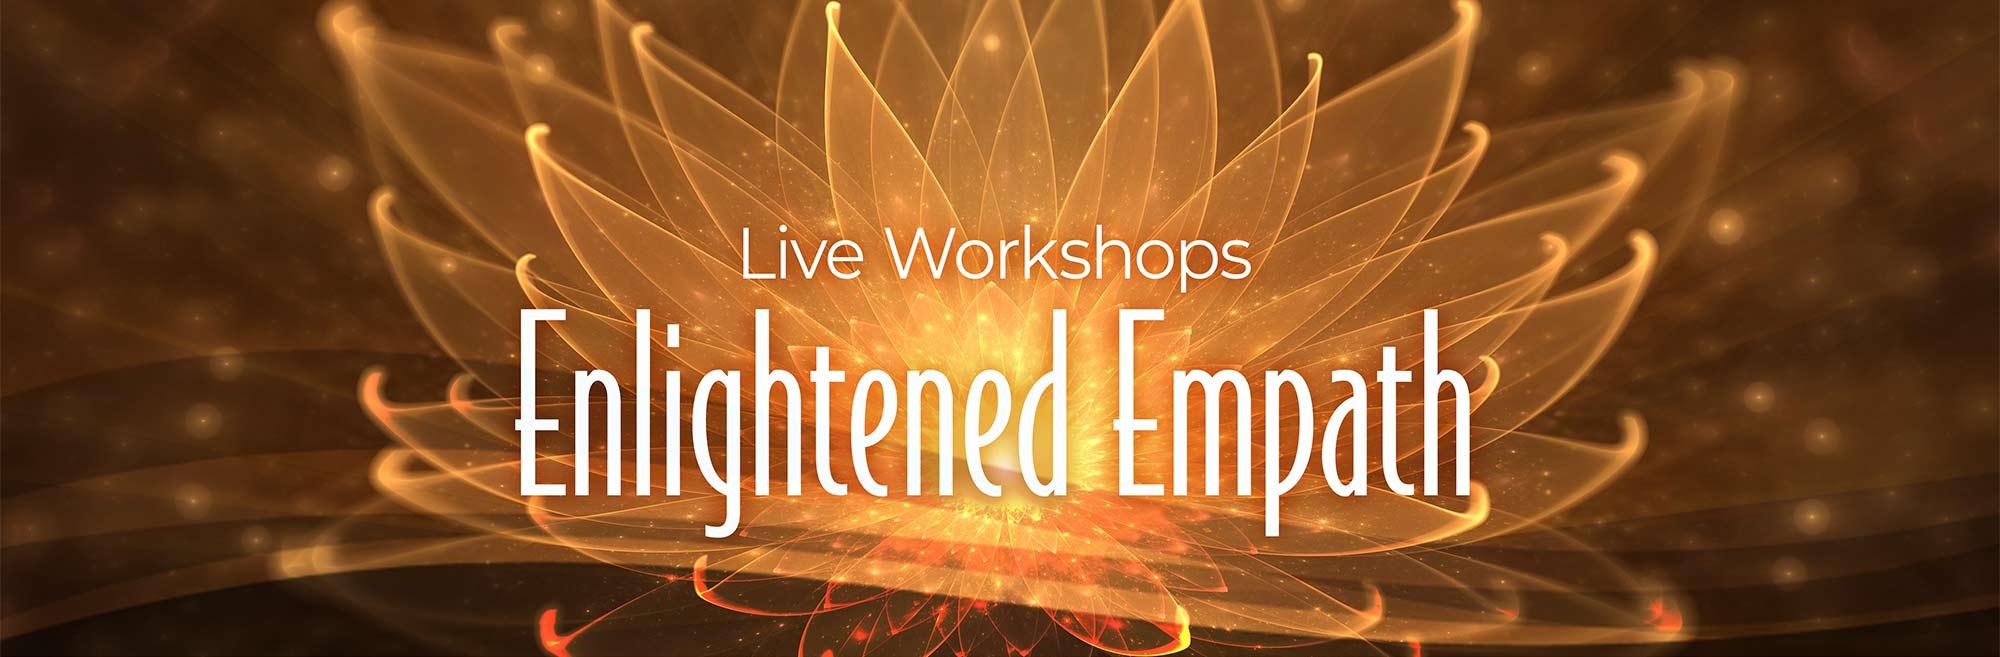 Live Workshops Enlightened Empath